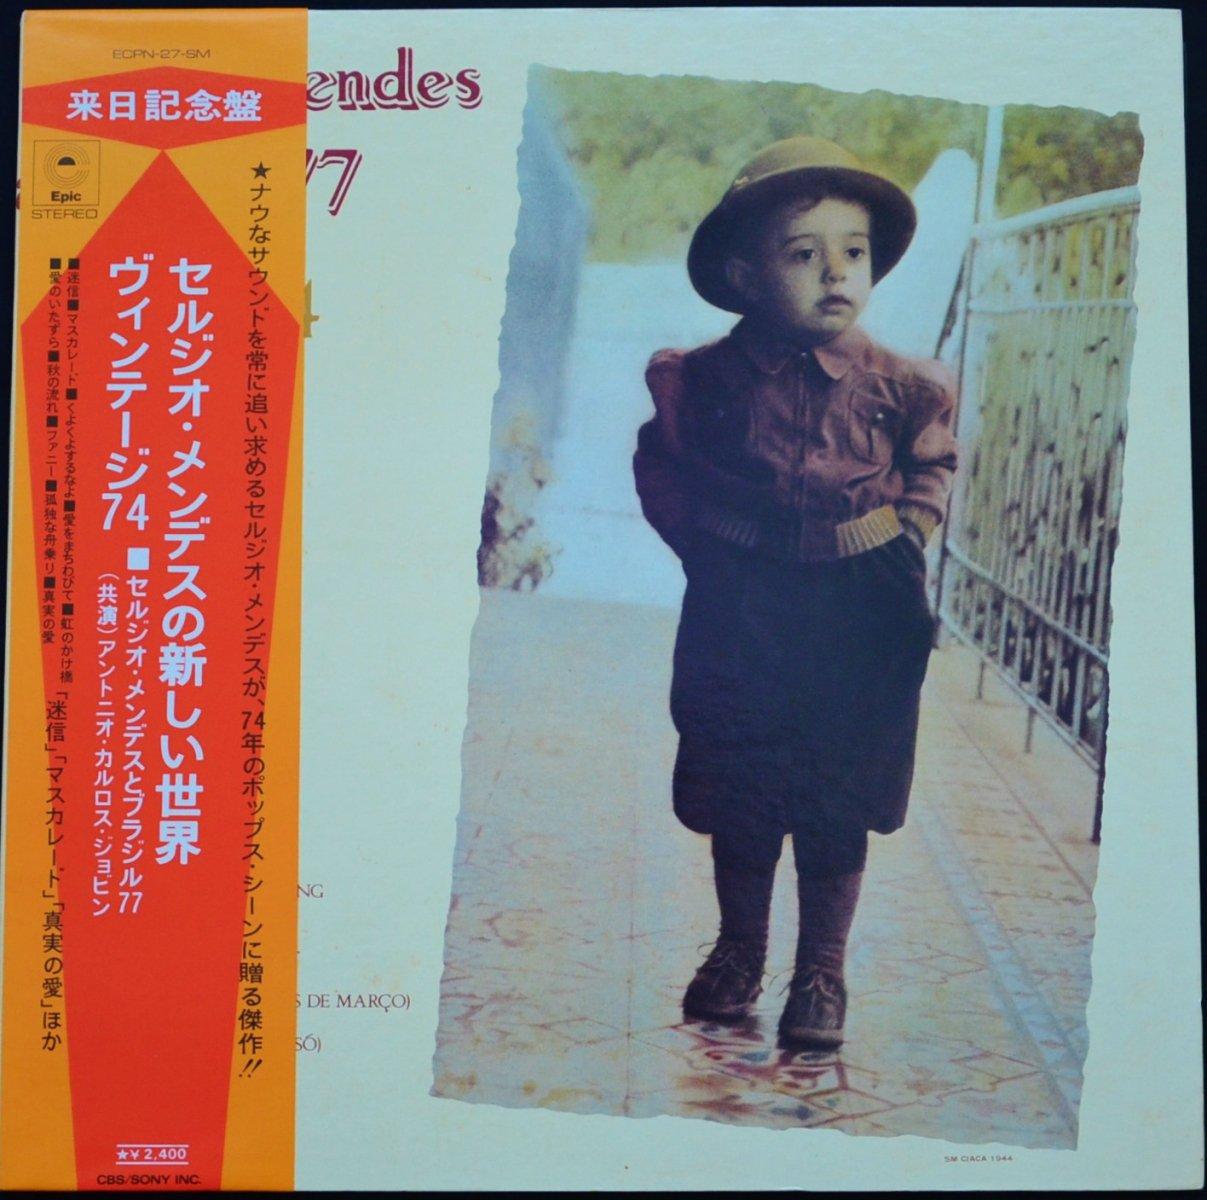 セルジオ・メンデスとブラジル'77 SERGIO MENDES & BRASIL '77 / ヴィンテージ74 VINTAGE 74 (LP)